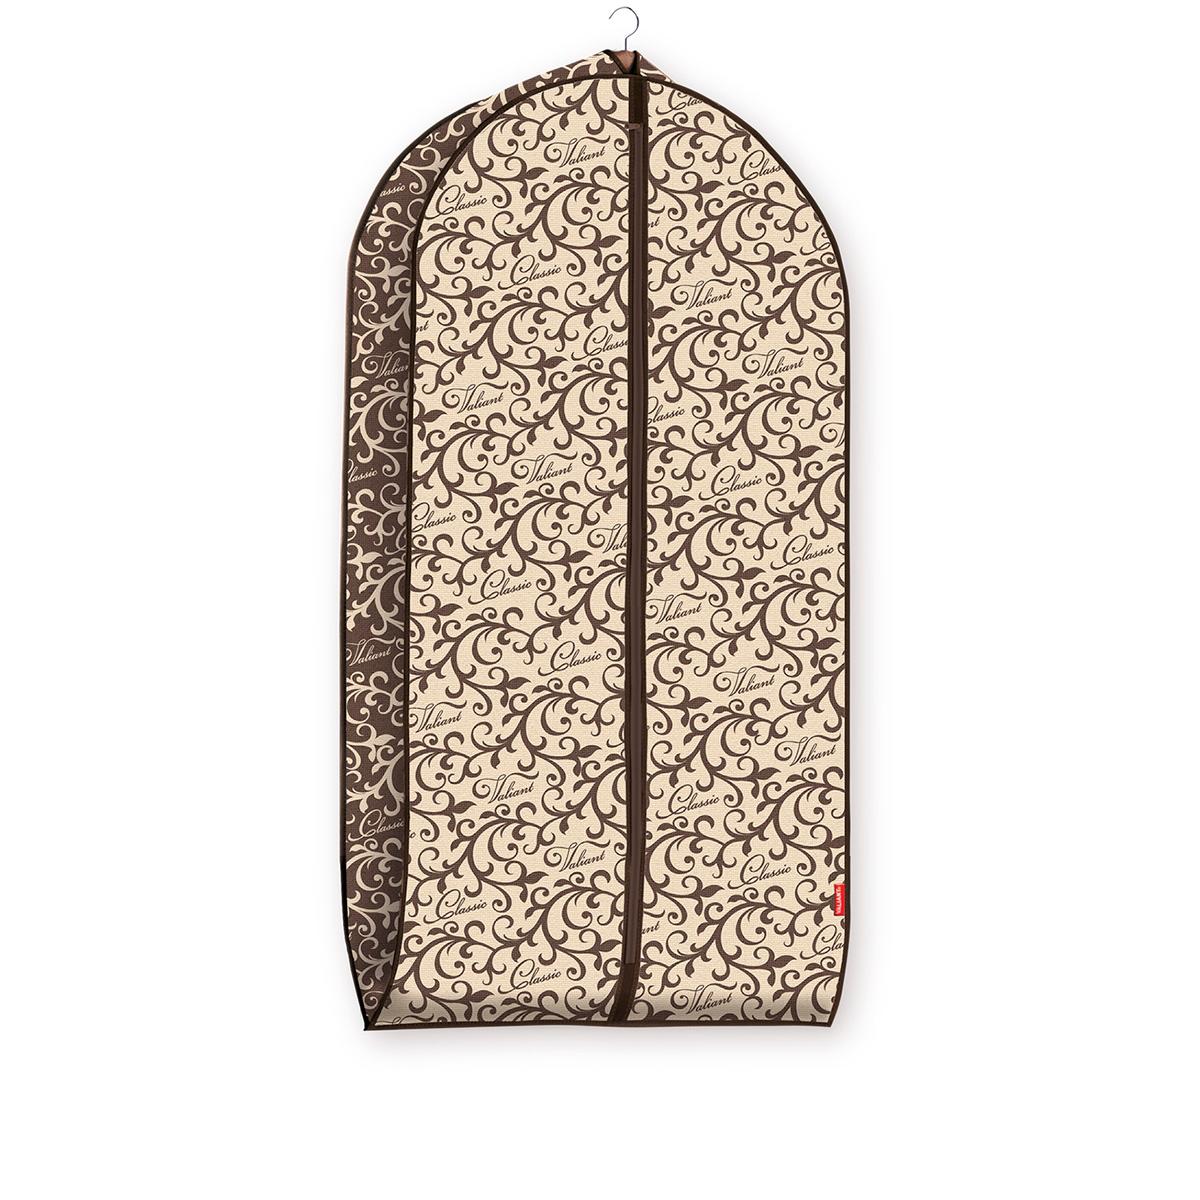 Чехол для одежды Valiant Classic, объемный, 60 х 100 х 10 смES-412Чехол для одежды Valiant Classic изготовлен из высококачественного нетканого материала, который обеспечивает естественную вентиляцию, позволяя воздуху проникать внутрь, но не пропускает пыль. Чехол очень удобен в использовании. Наличие боковой вставки увеличивает объем чехла, что позволяет хранить крупные объемные вещи. Чехол легко открывается и закрывается застежкой-молнией. Идеально подойдет для хранения одежды и удобной перевозки. Оригинальный дизайн Classic придется по вкусу ценительницам прекрасного. Изысканный благородный узор будет гармонично смотреться в современном классическом интерьере.